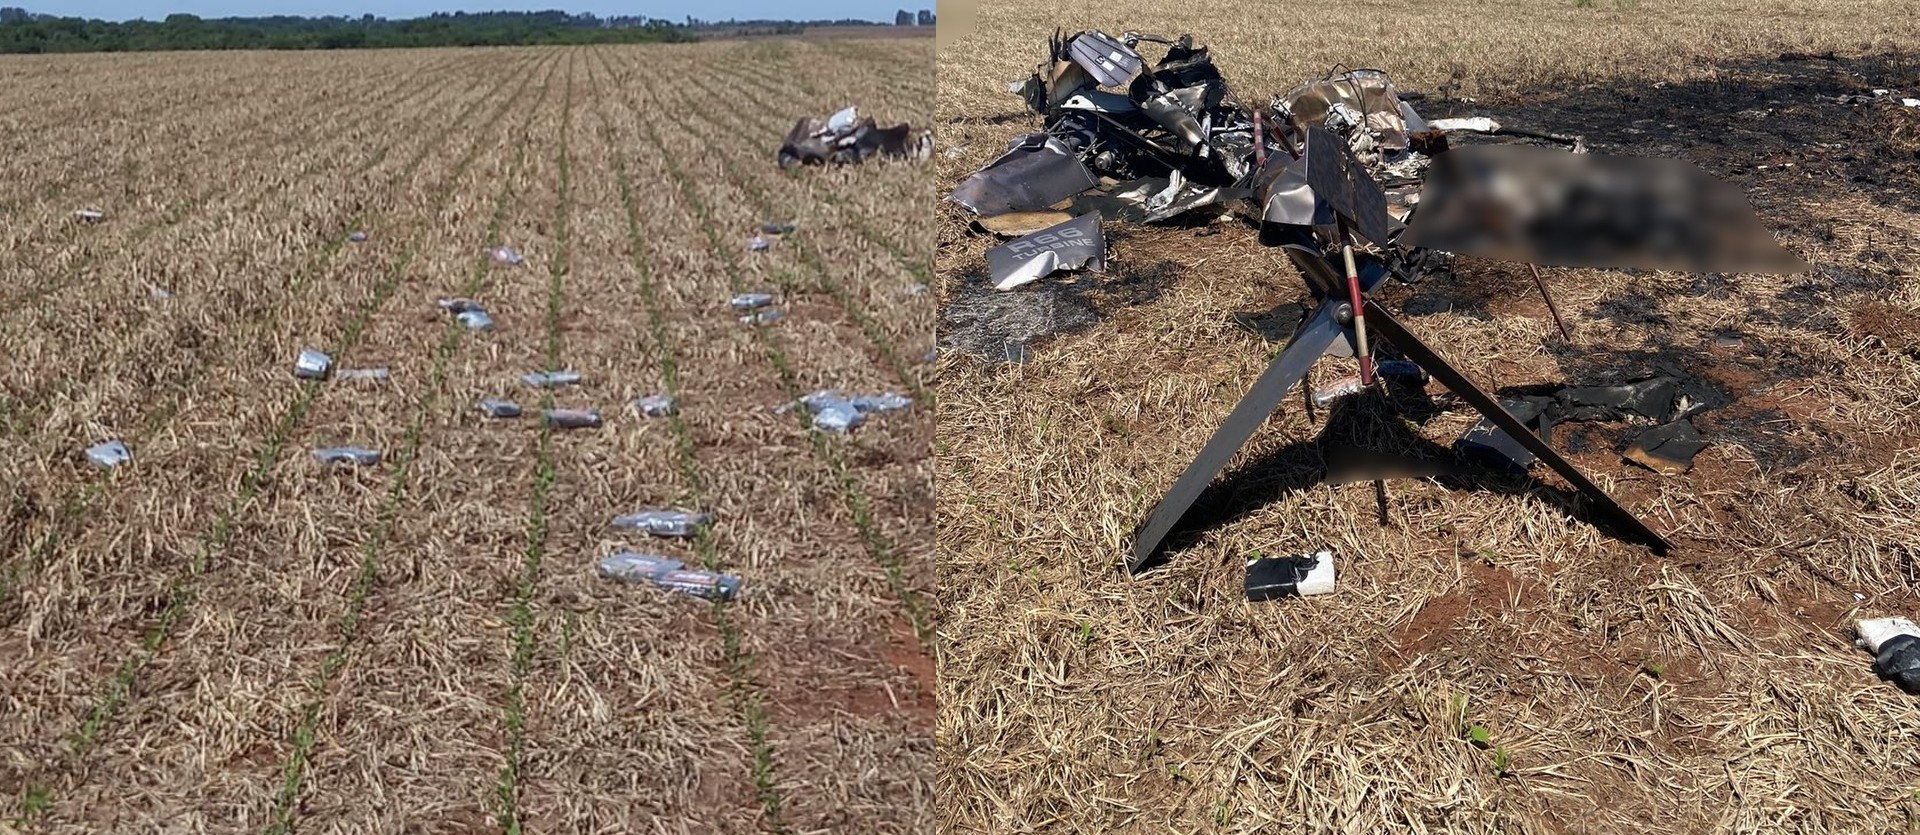 Em 5 minutos, helicóptero com 246 kg de cocaína saiu do Paraguai, pegou nevoeiro e caiu no Brasil, diz polícia